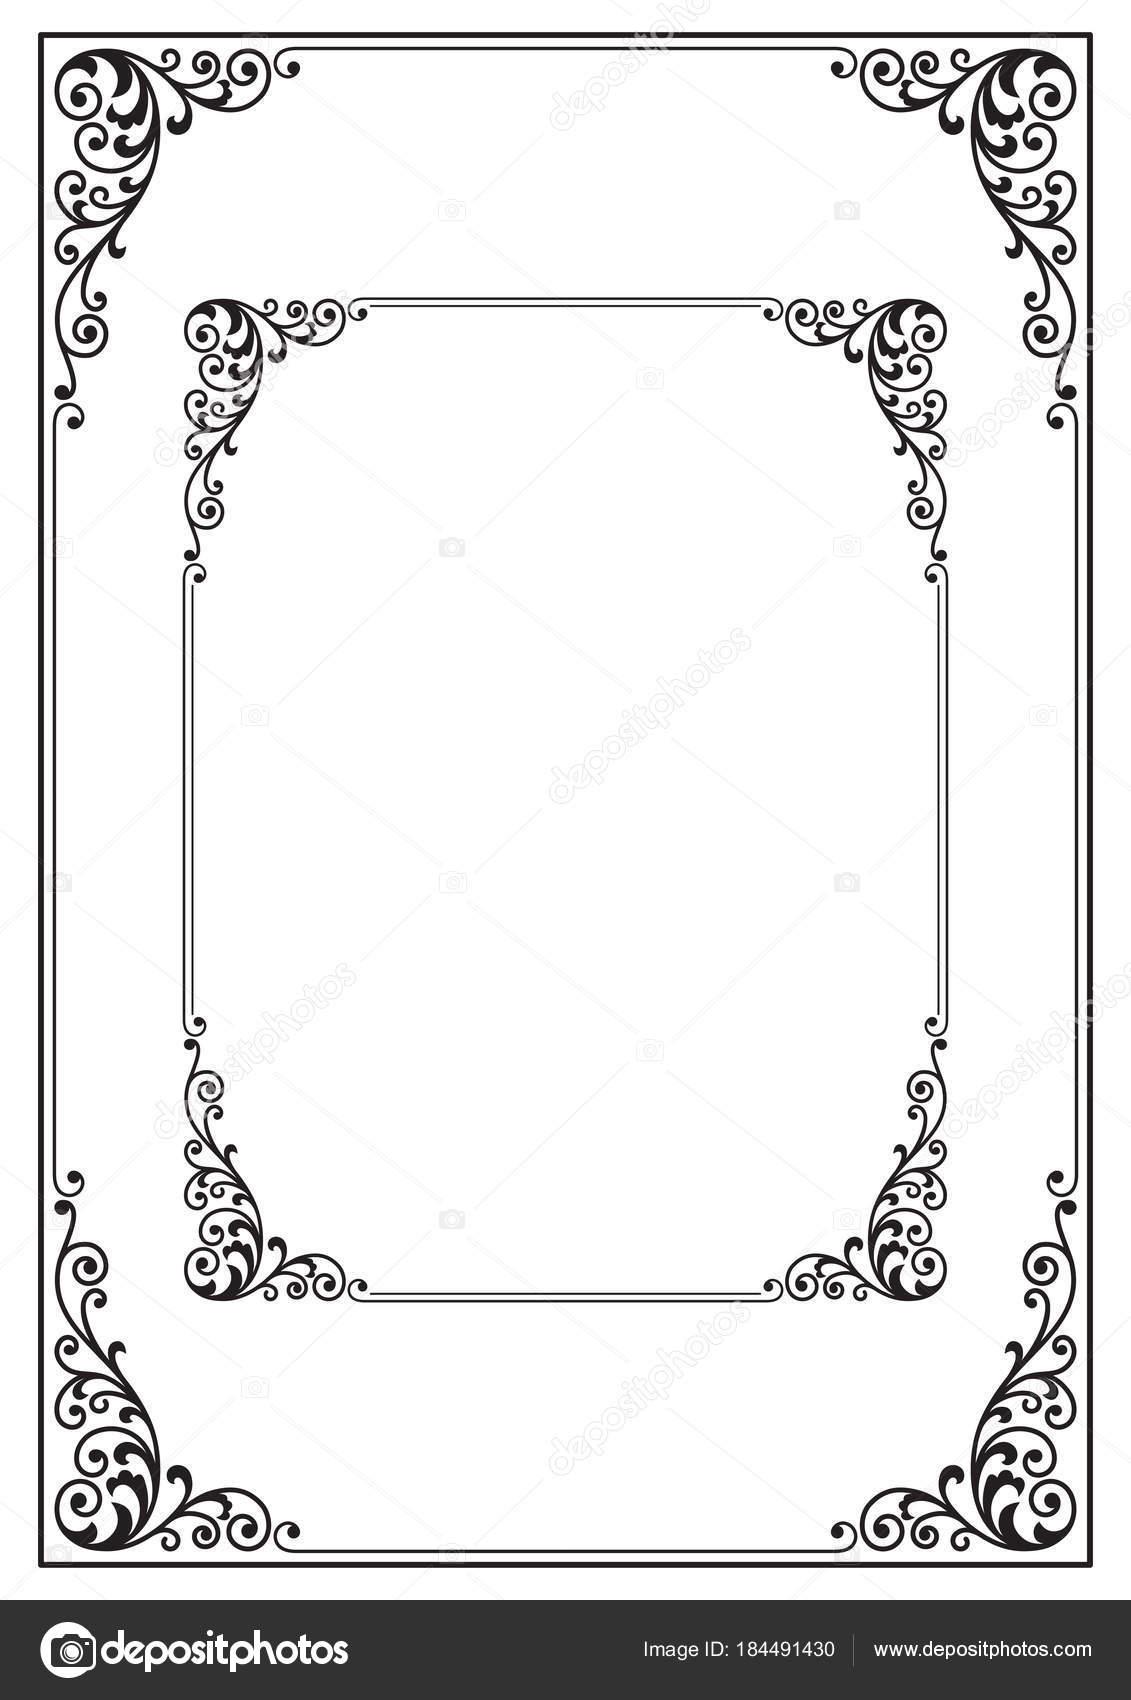 ornate black picture frames plain black ornate black rectangular frames letter proportions page decoration corner element stock vector